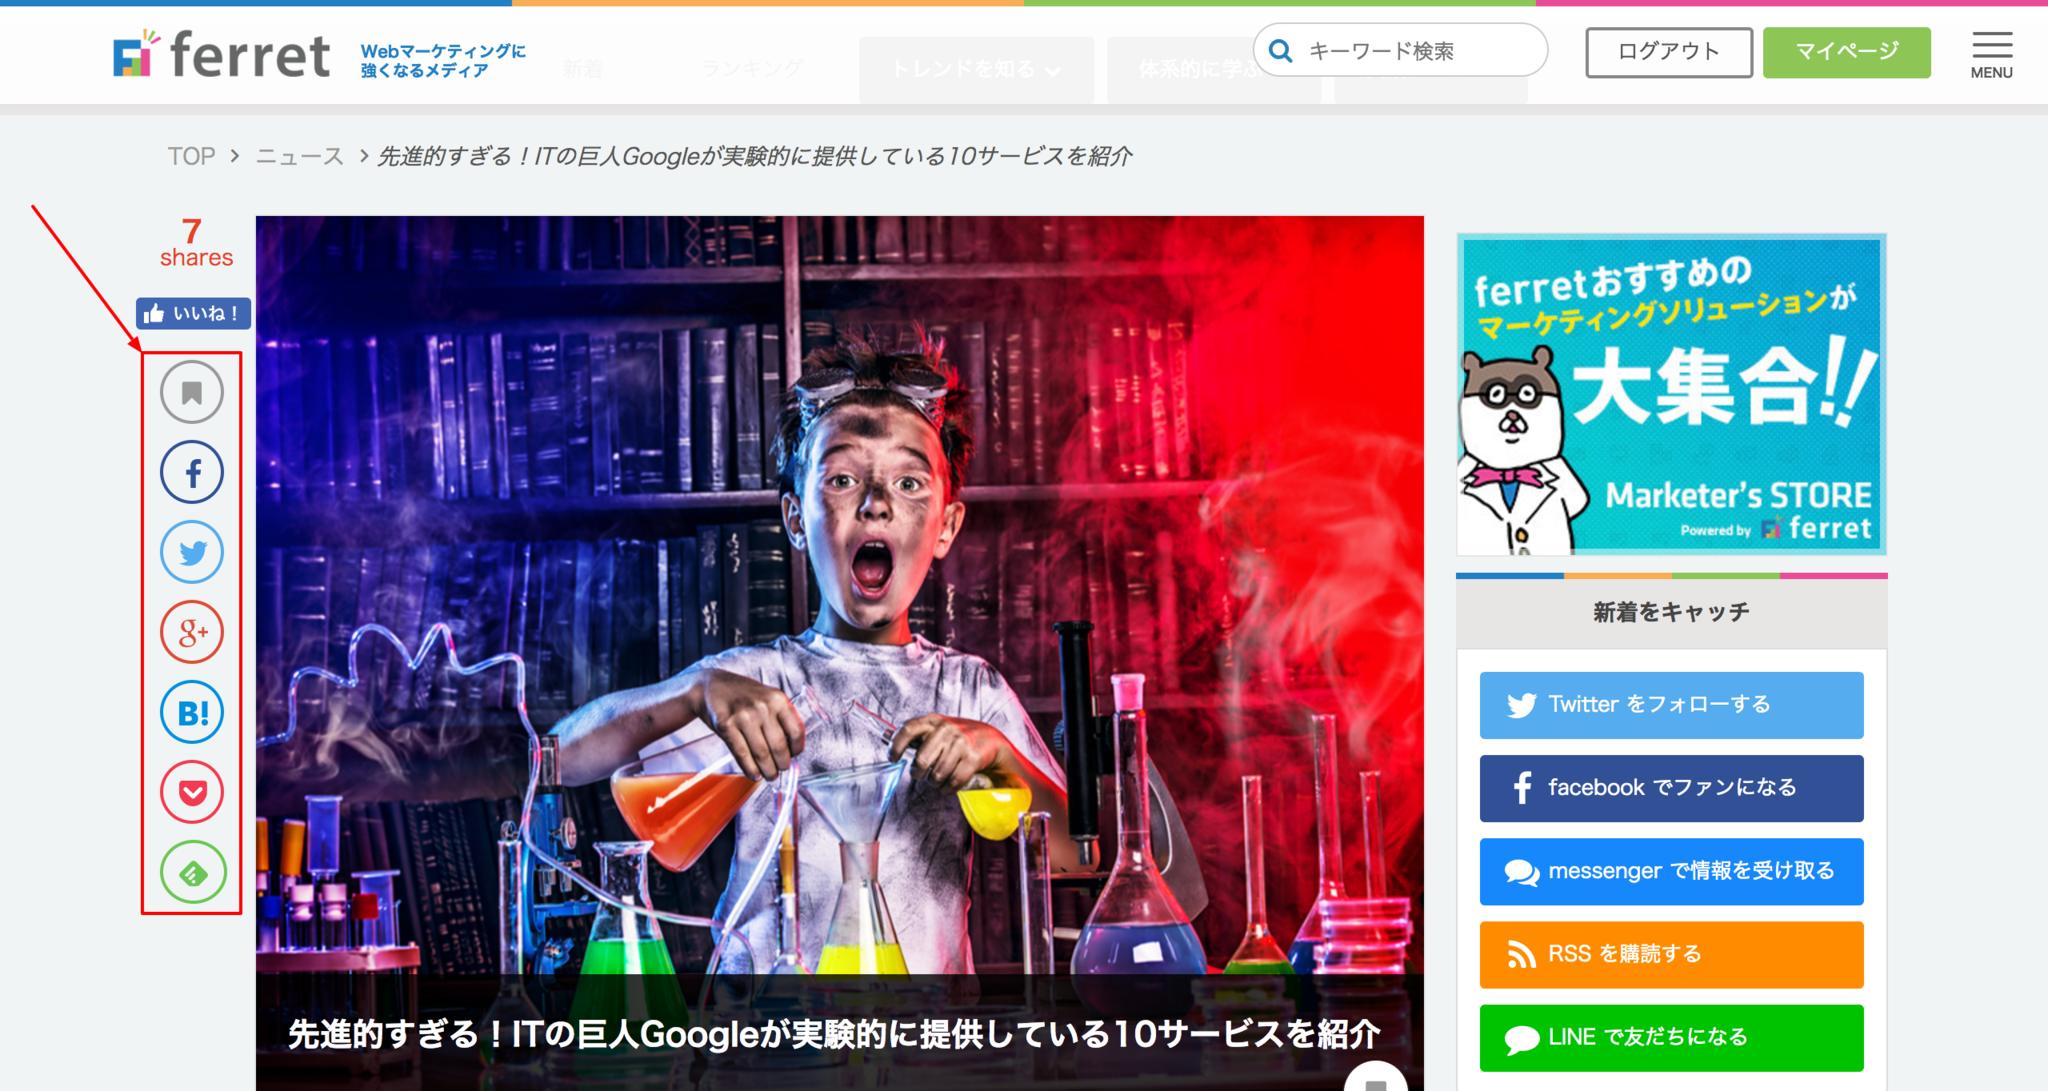 先進的すぎる!ITの巨人Googleが実験的に提供している10サービスを紹介|ferret__フェレット_.png